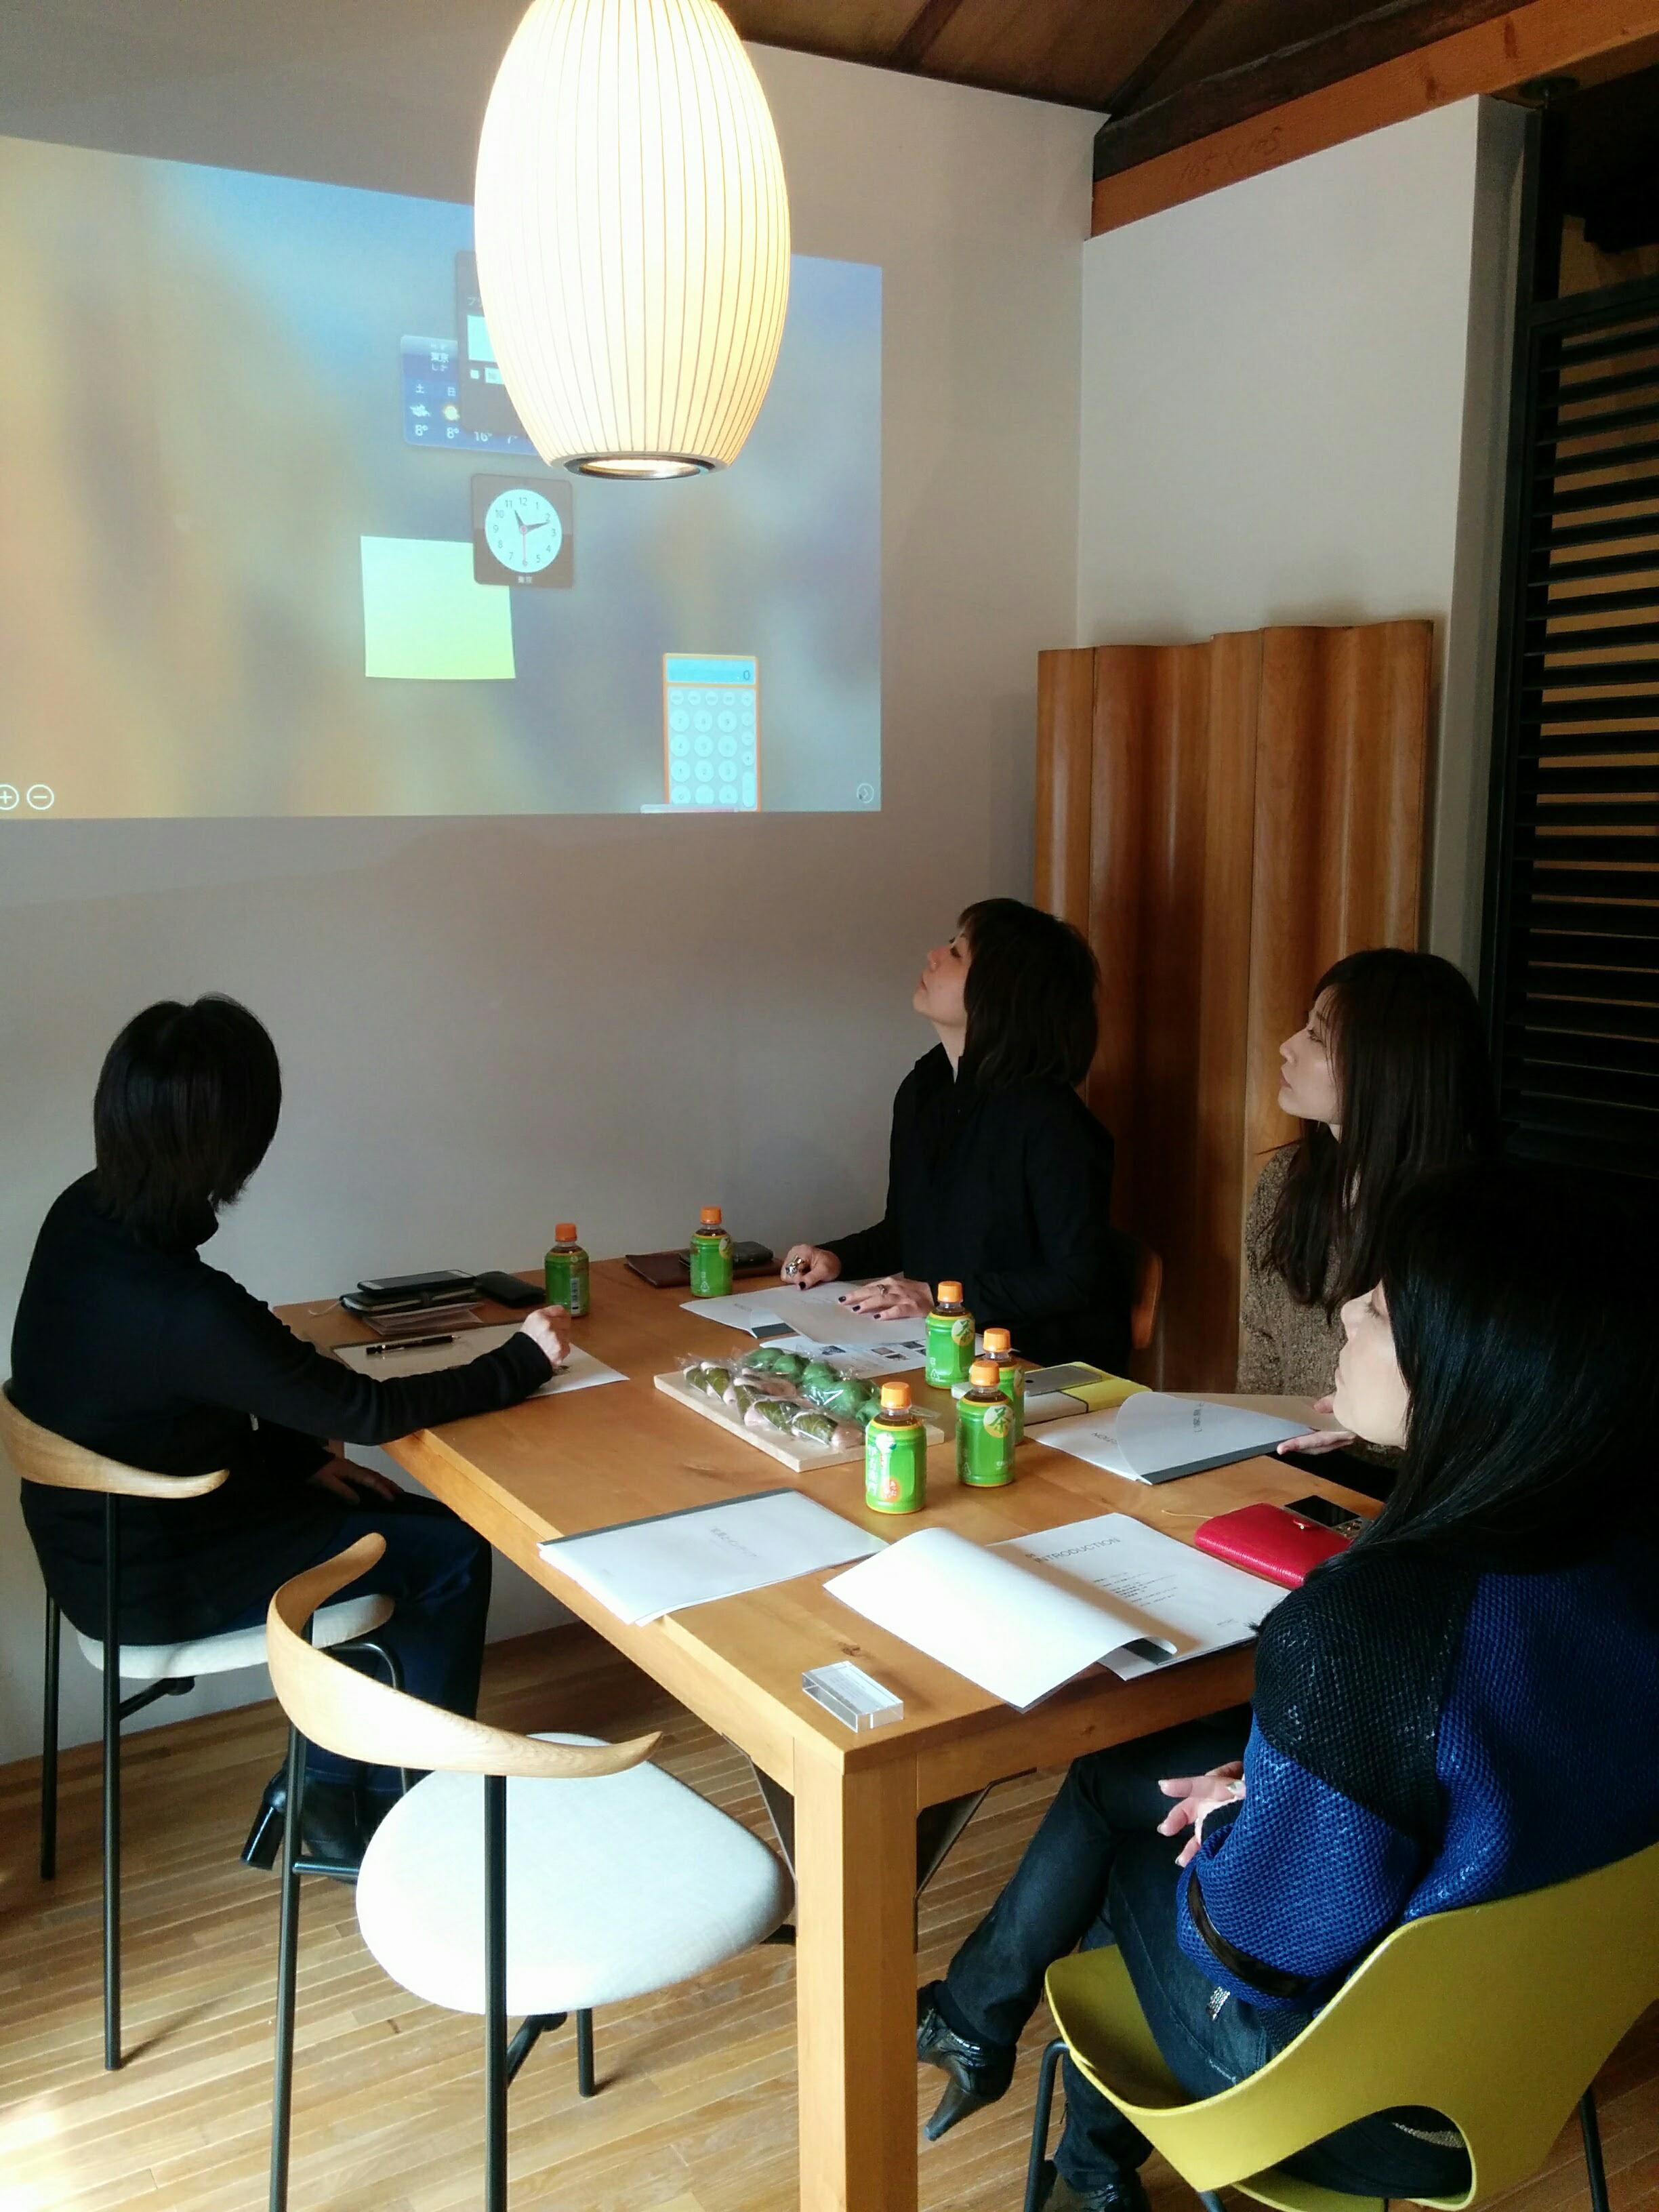 実践レクチャー「家具のおはなし」 WRIGHT Inc. 河野俊介先生